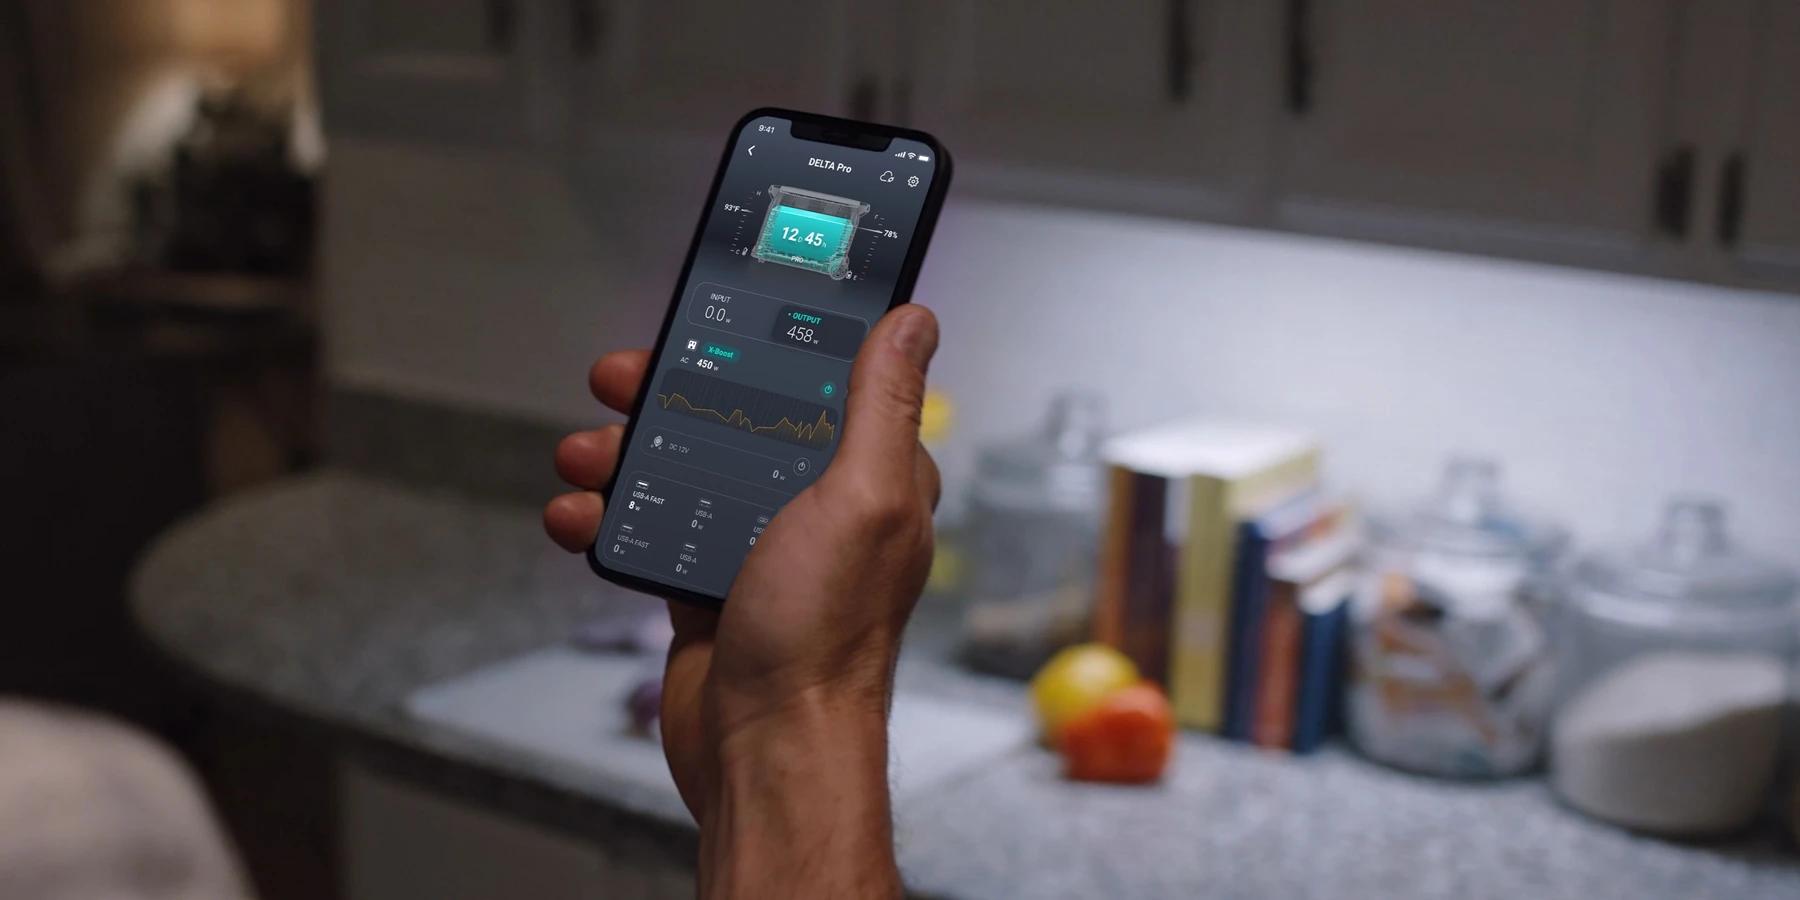 aplikacja ecoflow delta pro, kontrola i monitorowanie